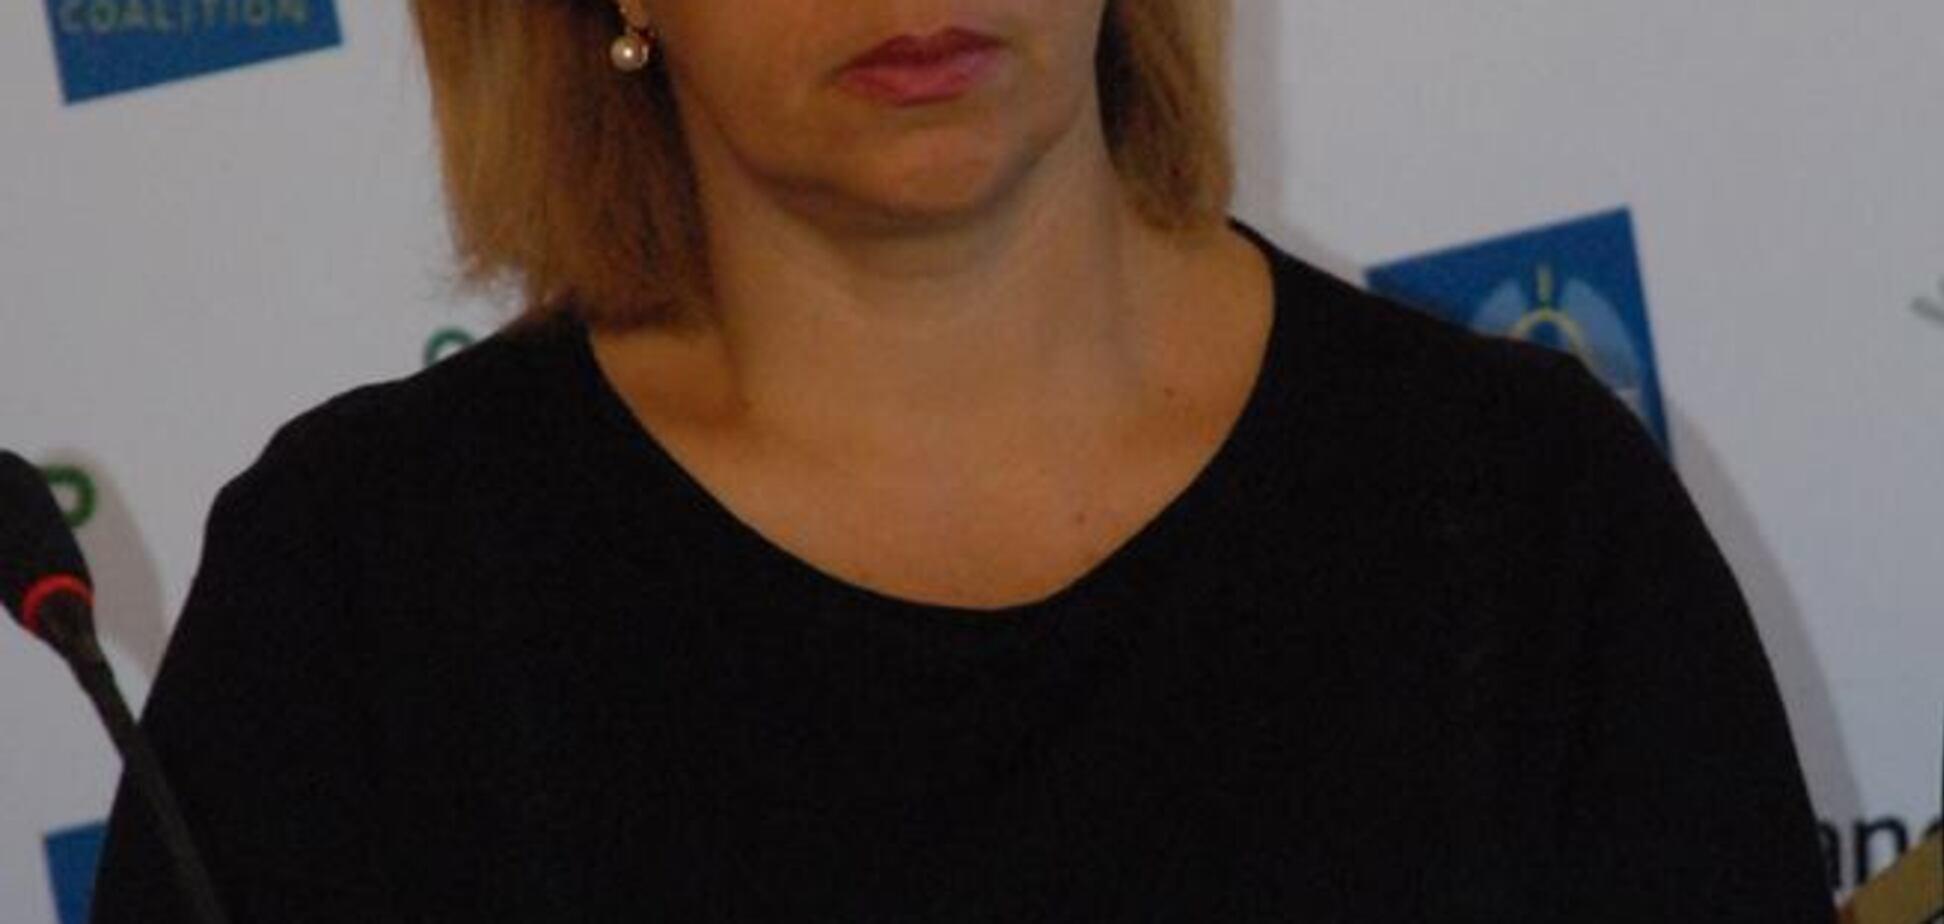 Министр получает в 46 раз больше: Богомолец заявила о дискриминации врачей